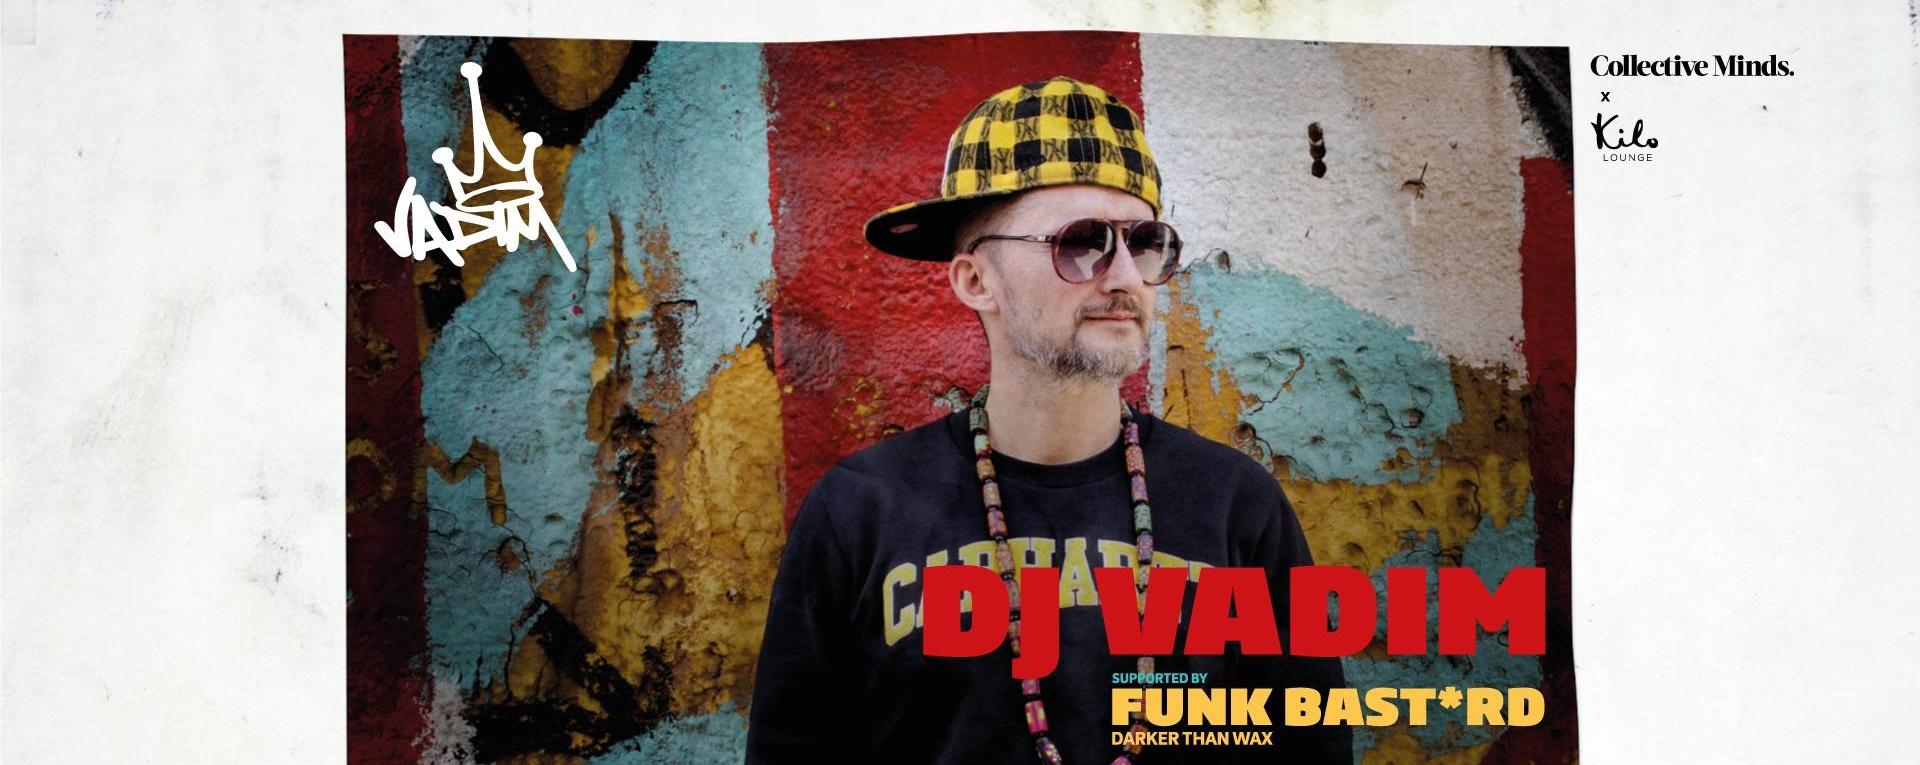 Collective Minds x Kilo Lounge present DJ Vadim